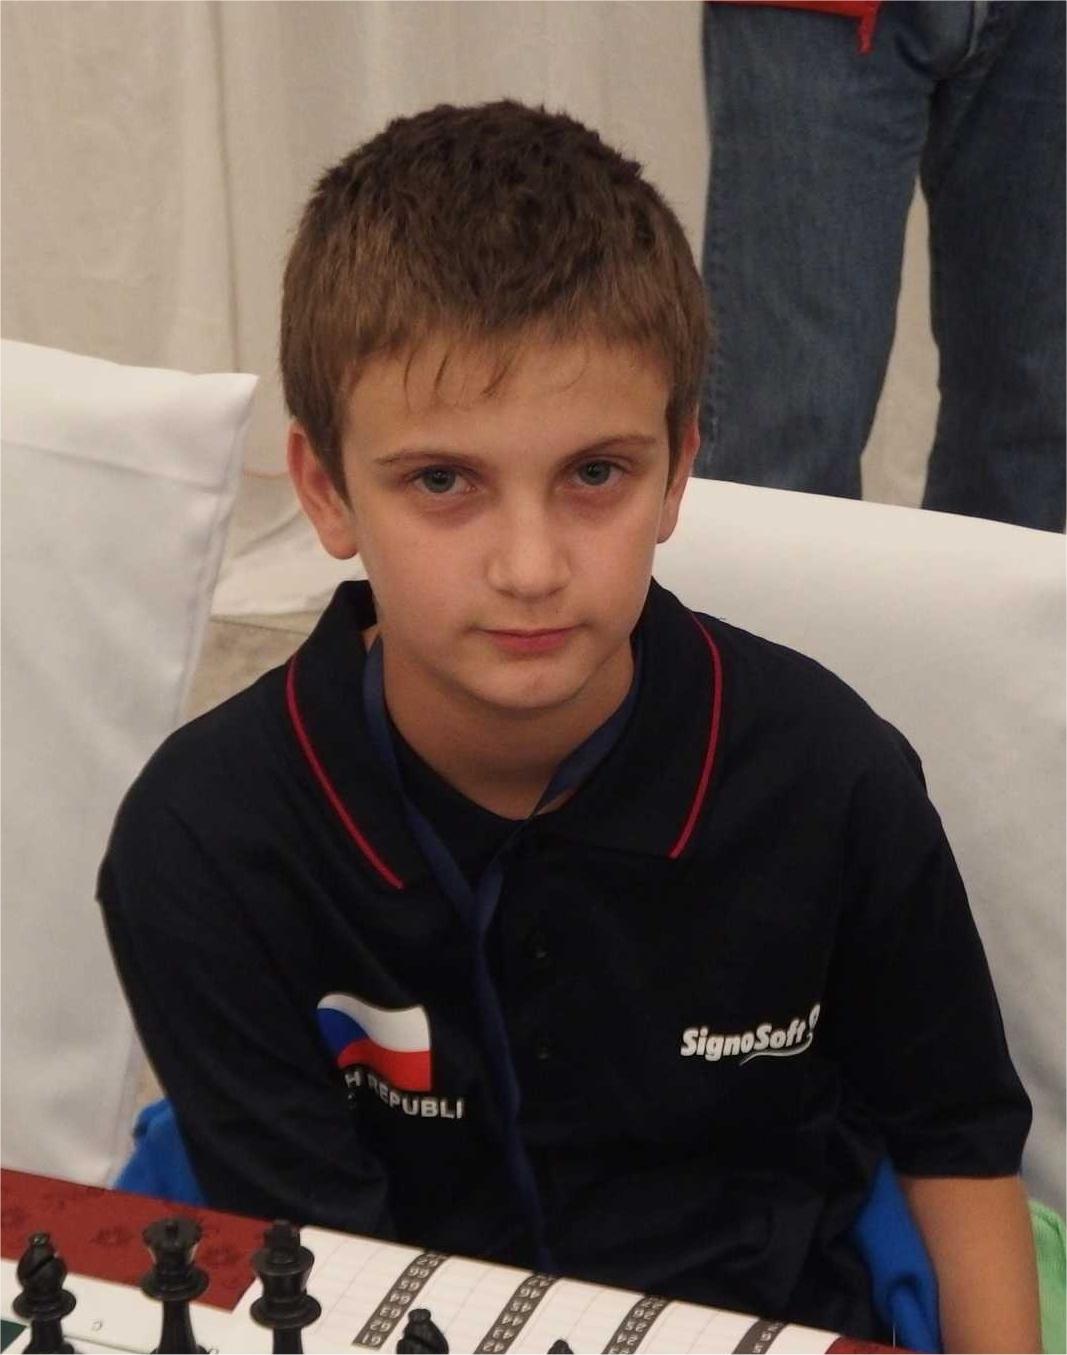 Hrbek Štěpán